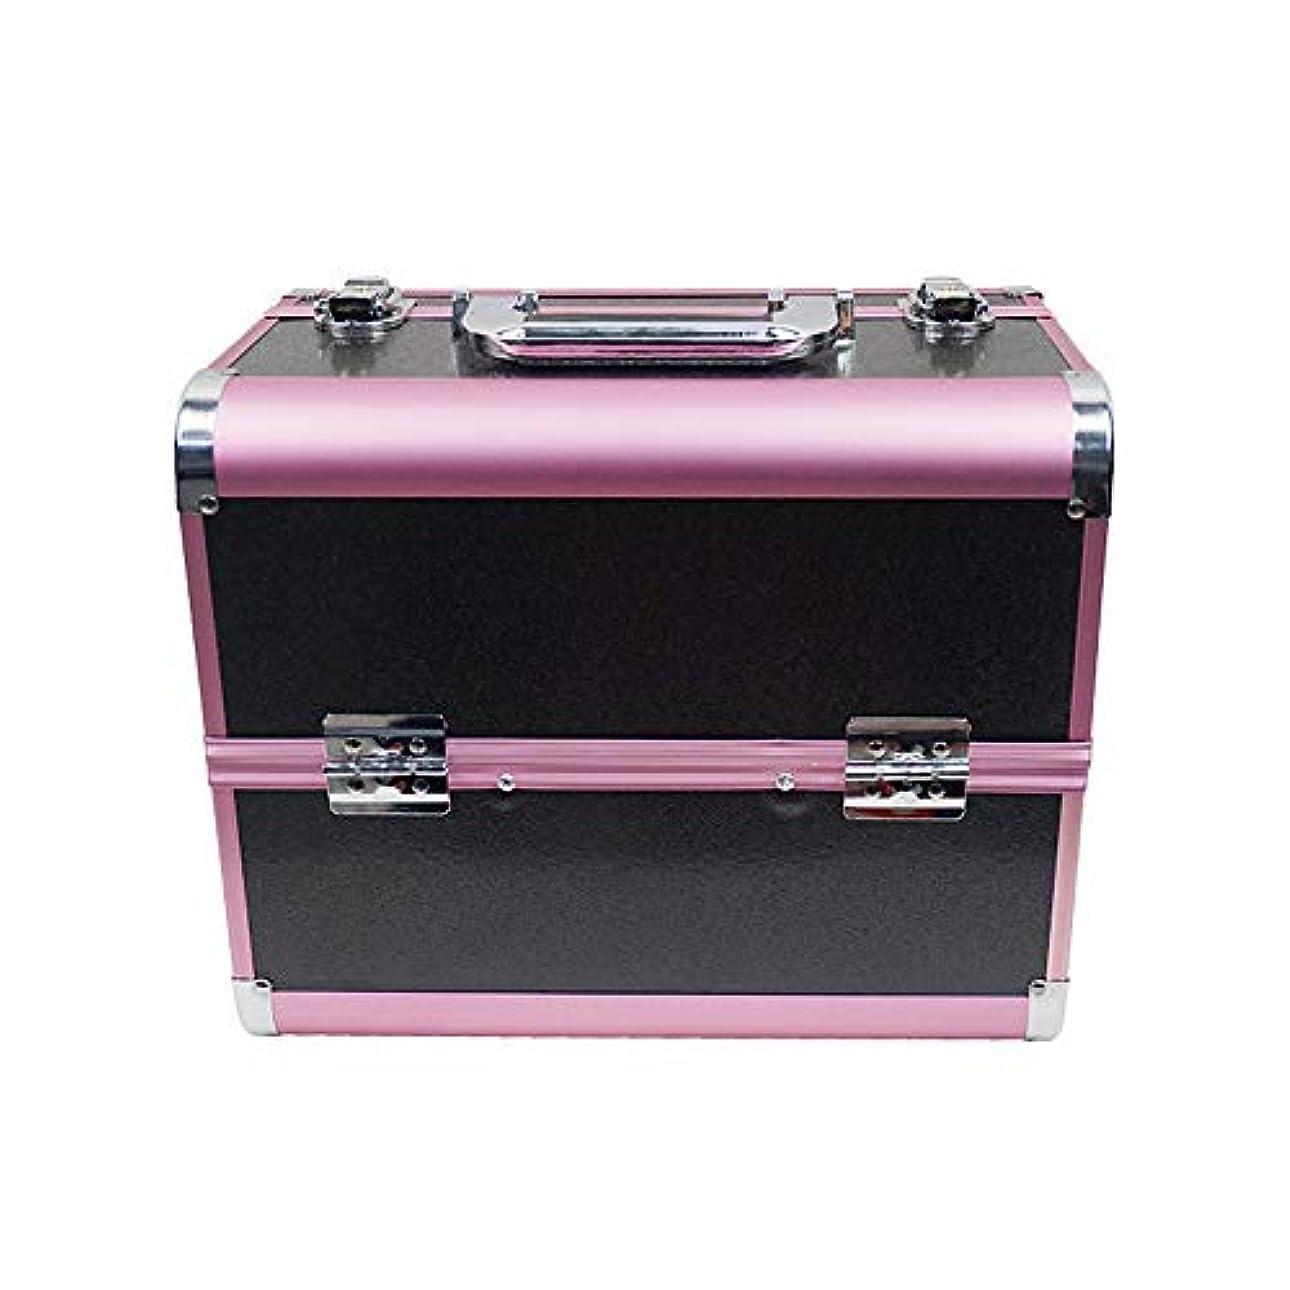 ステートメント父方の代理店化粧オーガナイザーバッグ 大容量ポータブル化粧ケース(トラベルアクセサリー用)シャンプーボディウォッシュパーソナルアイテム収納トレイ 化粧品ケース